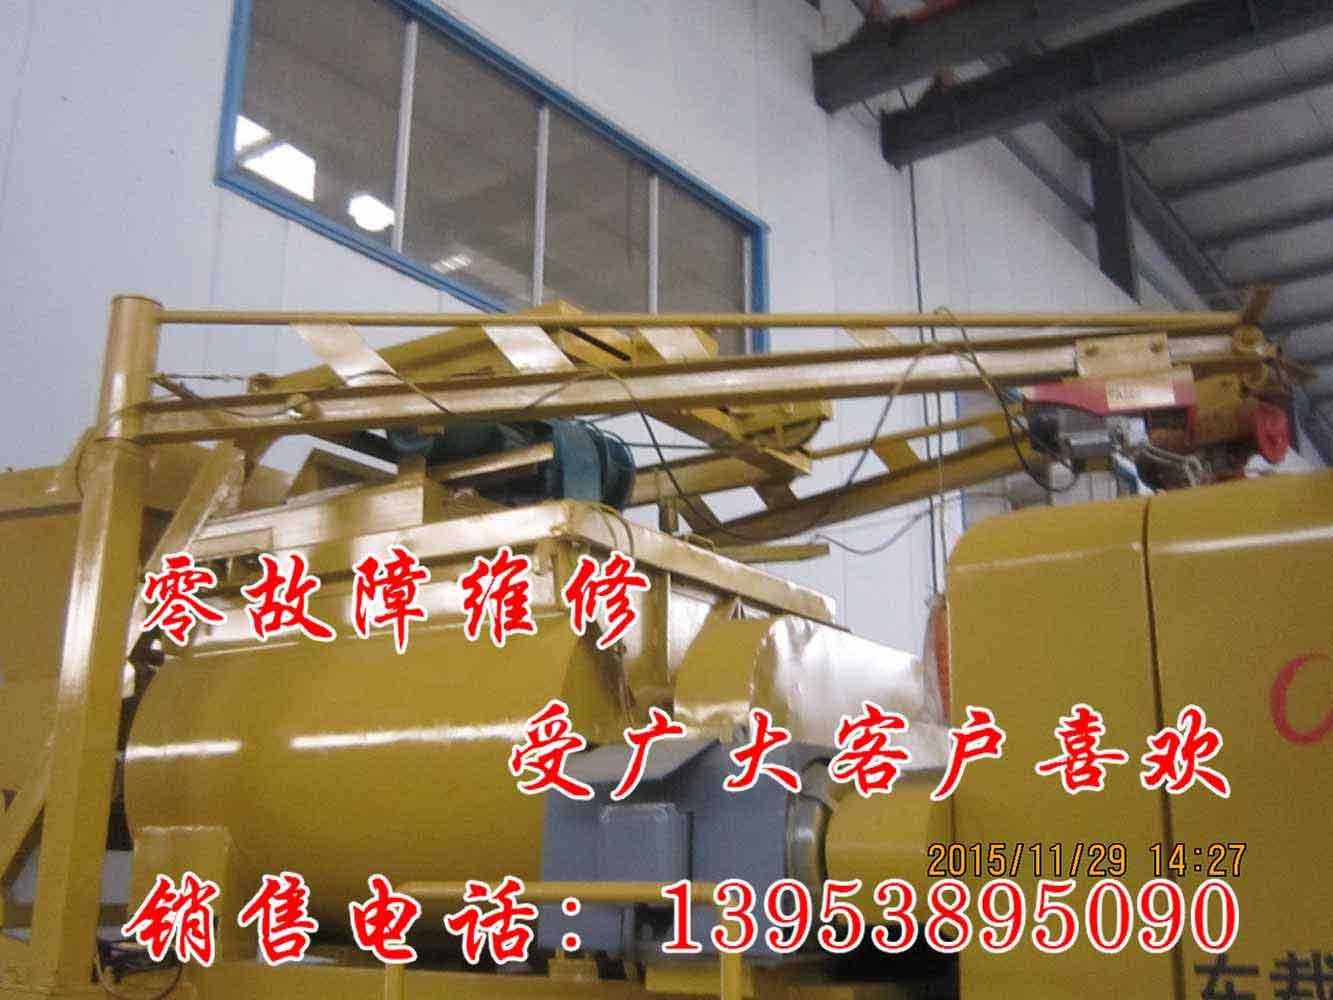 青海海东 矿用混凝土输送泵车 超低价发售了